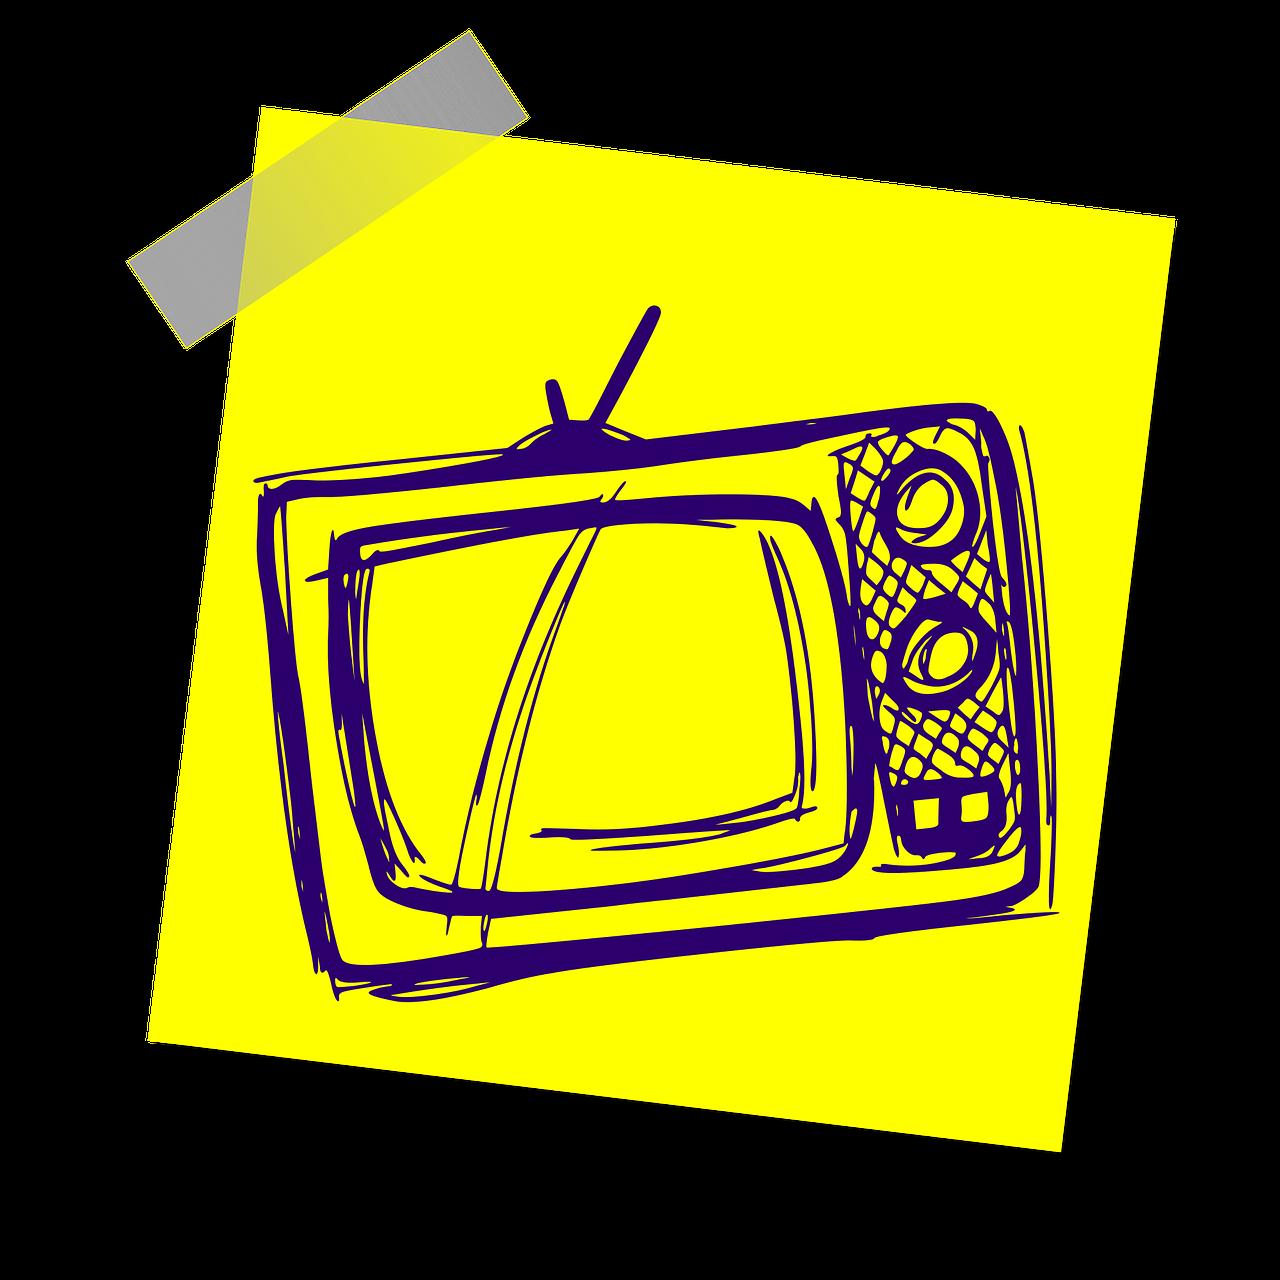 テレビがつまらない?理由は?いつから?内輪ネタで地上波は見ない?